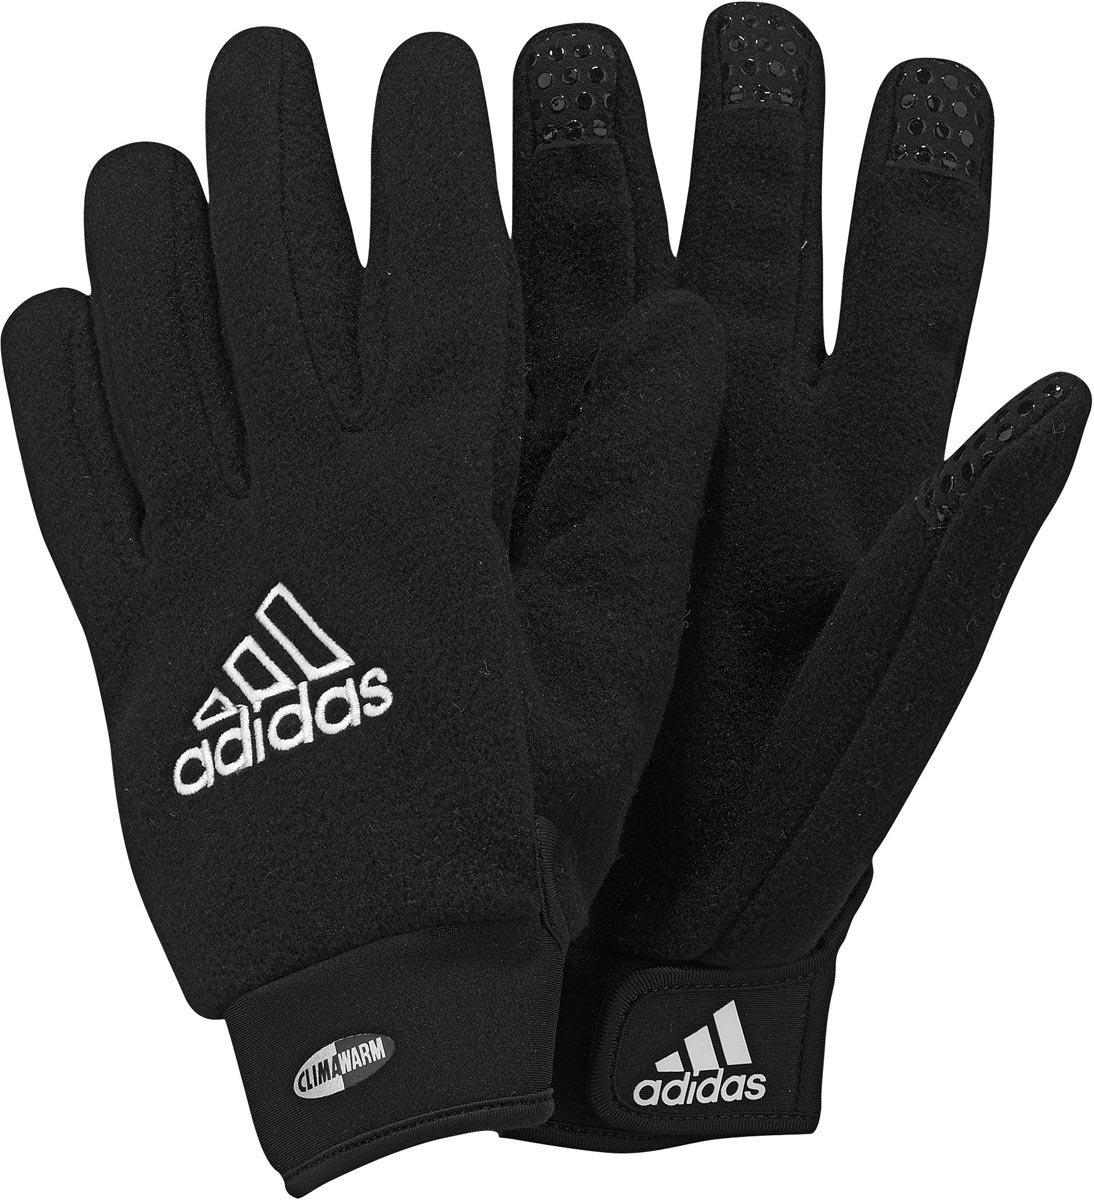 nouveau gant adidas